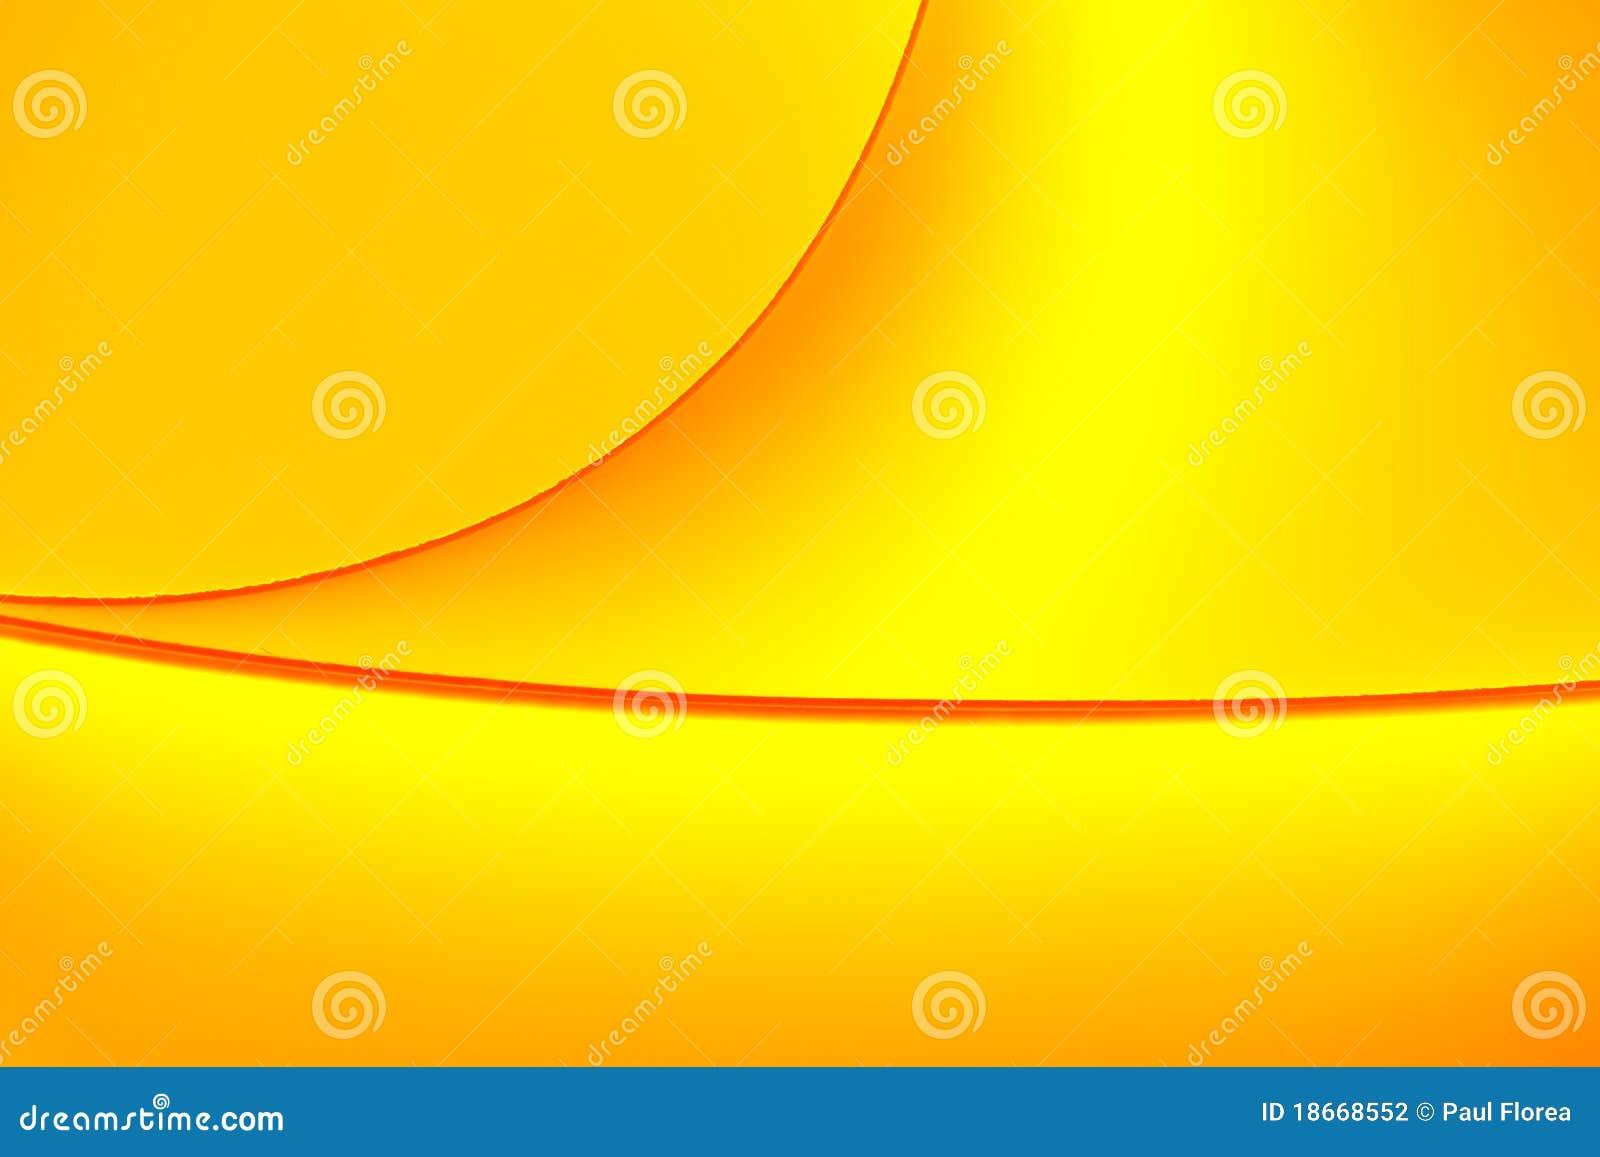 La Couleur Jaune-orange Modifie La Tonalité De Macro Formes De ...